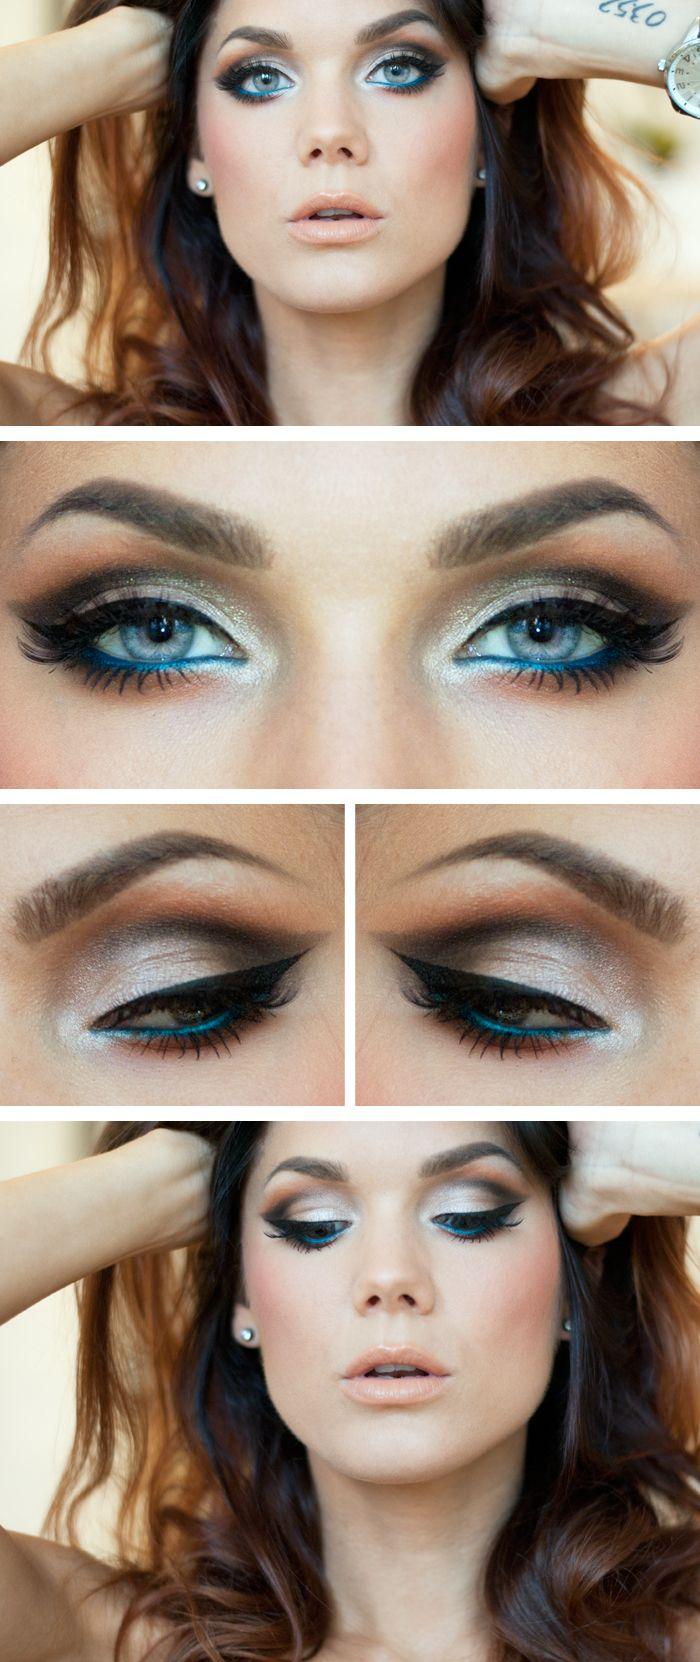 good eyes(;